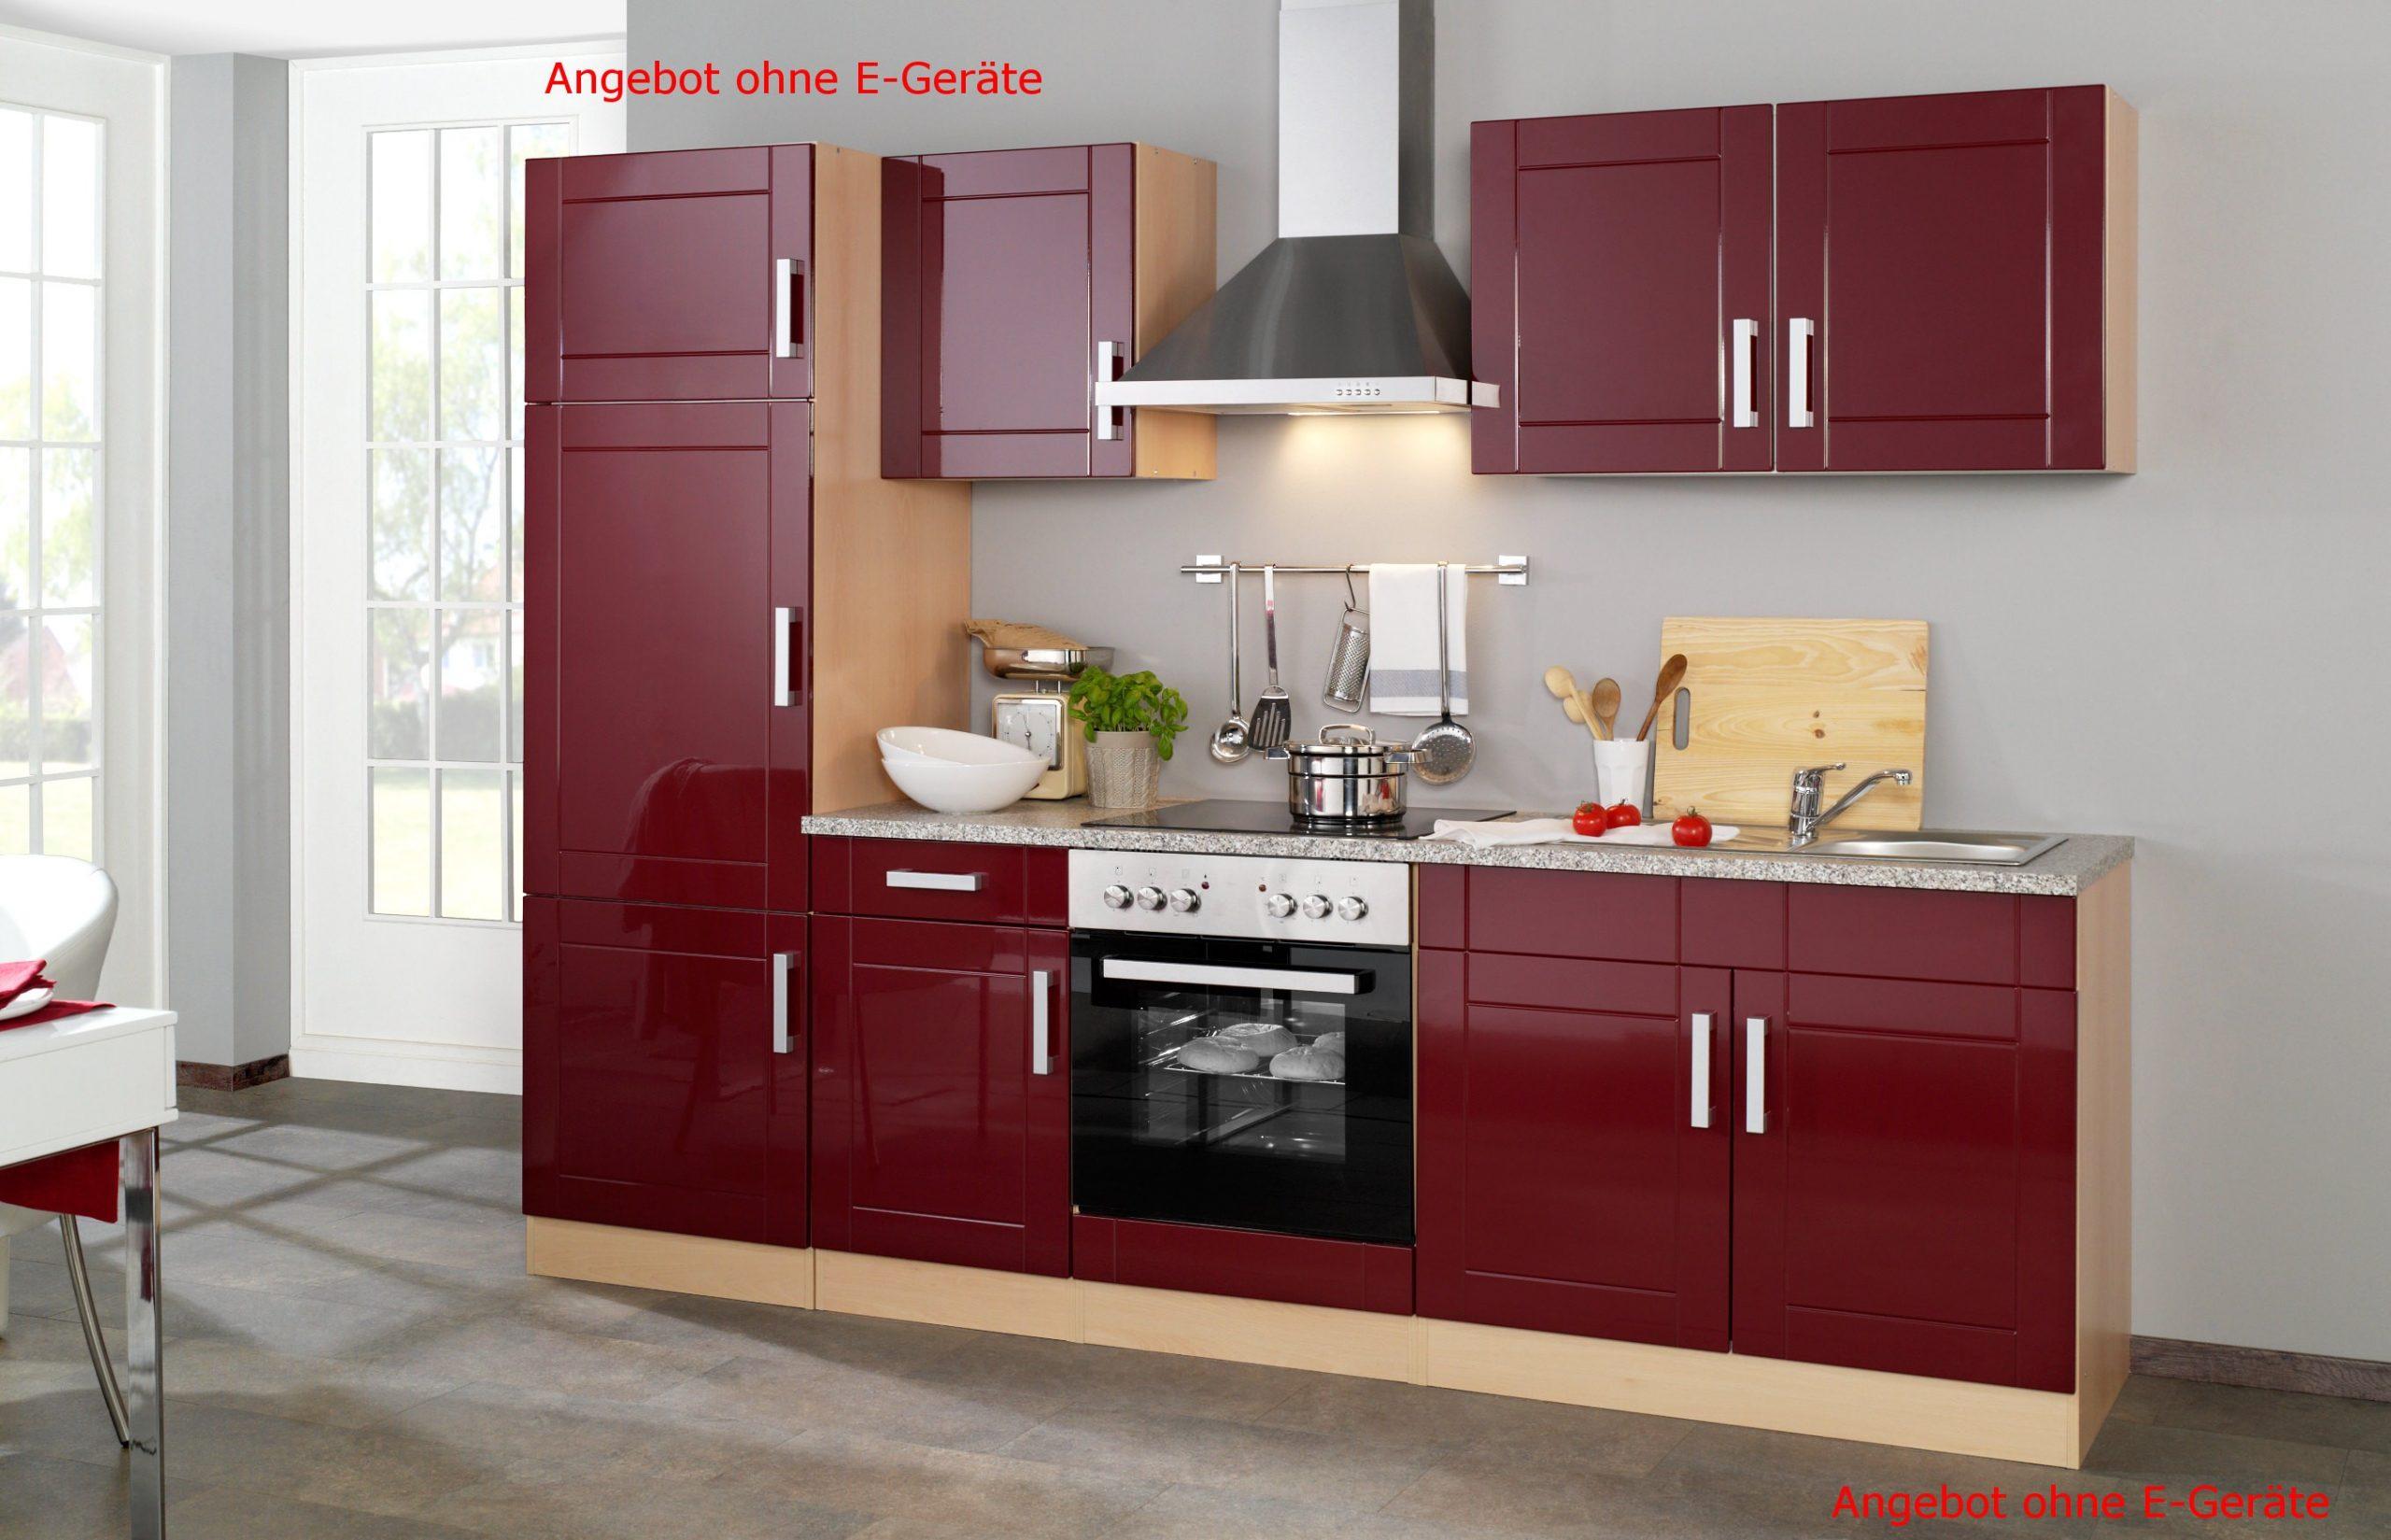 Full Size of Küche Sockelblende Holz Küche Blende Entfernen Küchenblende Glas Sockelblende Küche 60 Mm Küche Küche Blende